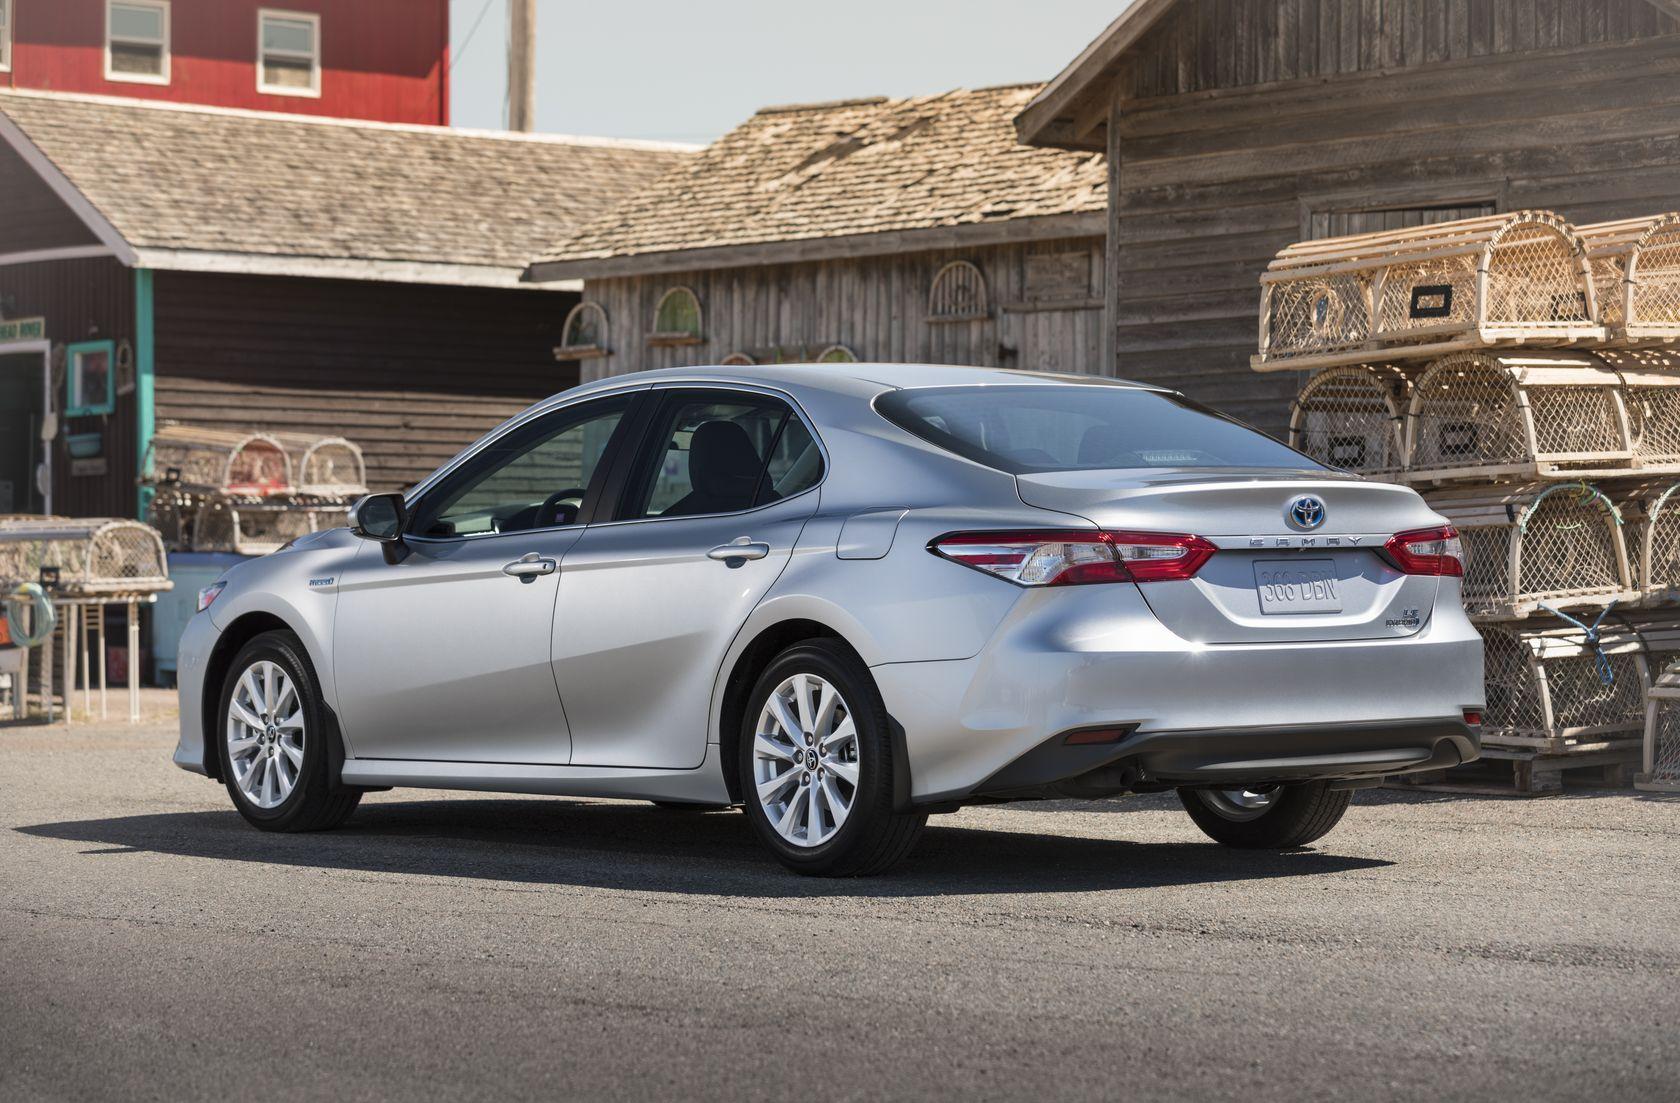 Arrière de la Toyota Camry hybride 2018 grise